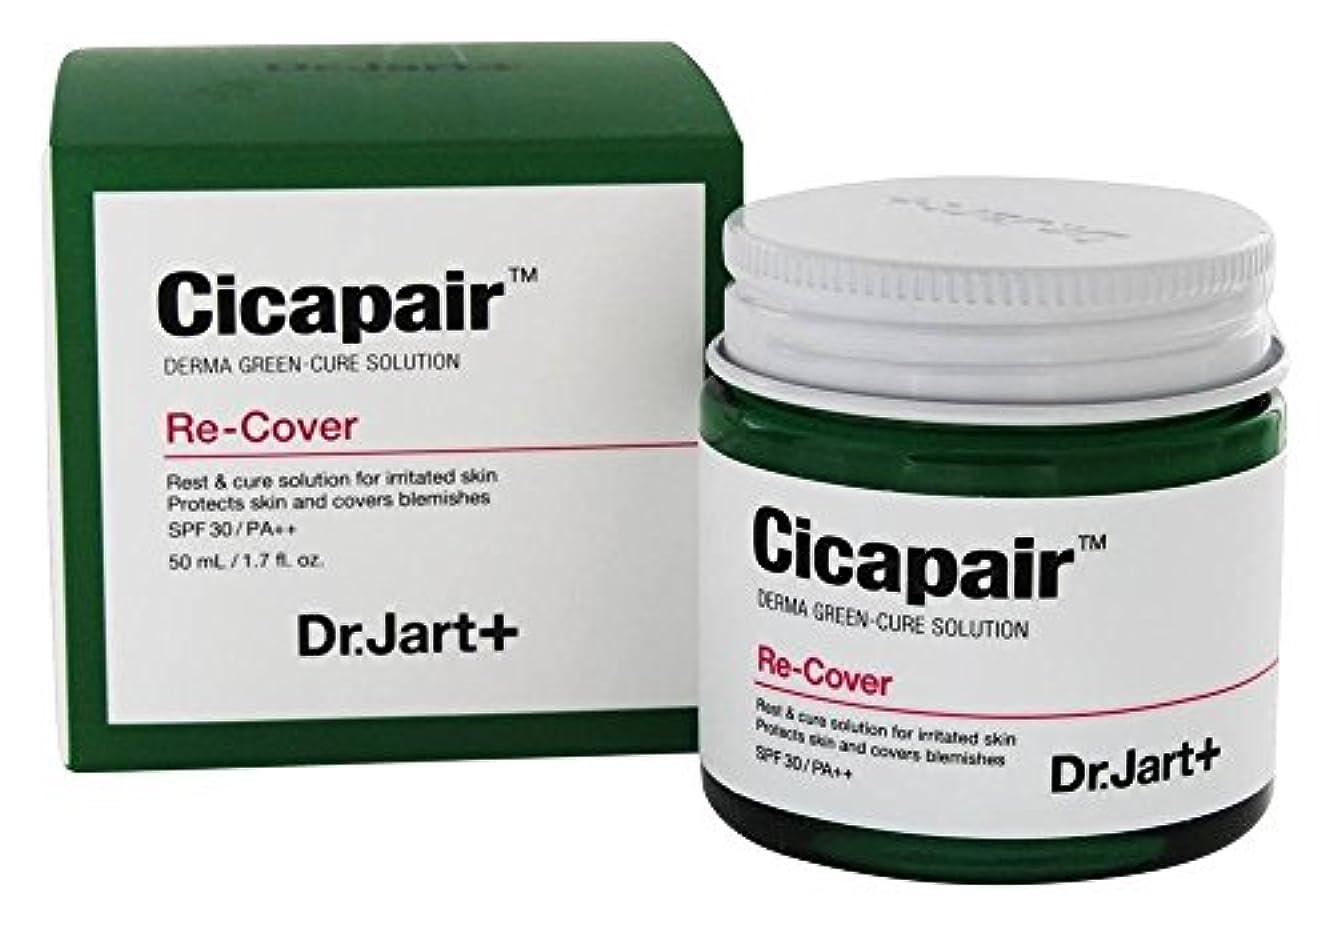 損傷フルート誘うDr. Jart+ Cicapair Derma Green-Cure Solution Recover Cream 50ml [並行輸入品]